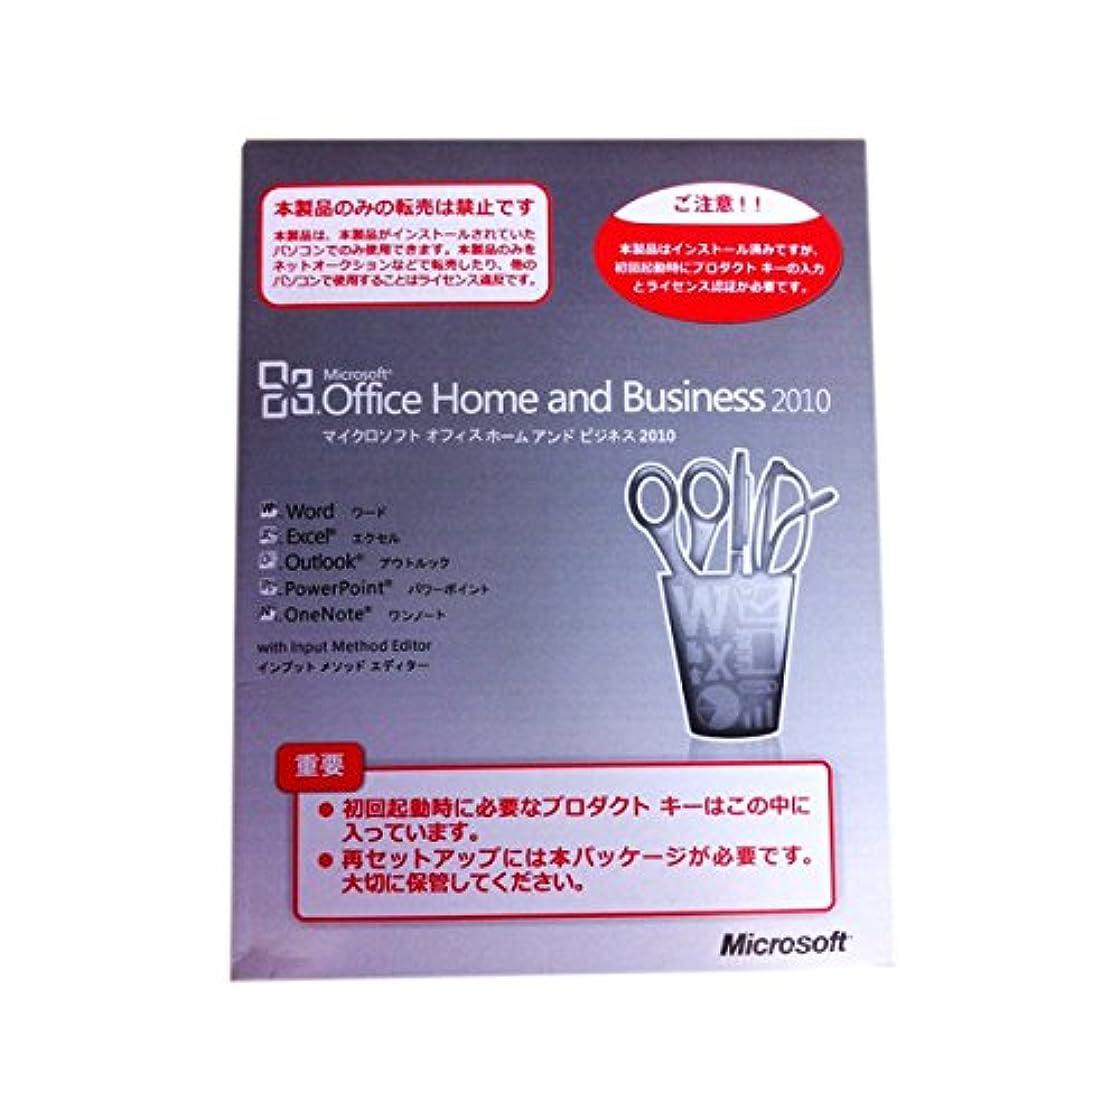 ポインタ誇張するワットMicrosoft office 2010 Home and Business OEMマイクロソフト オフィス ホームアンドビジネス OEM版 未開封品プロダクトキー同梱MS Office2010 OEM